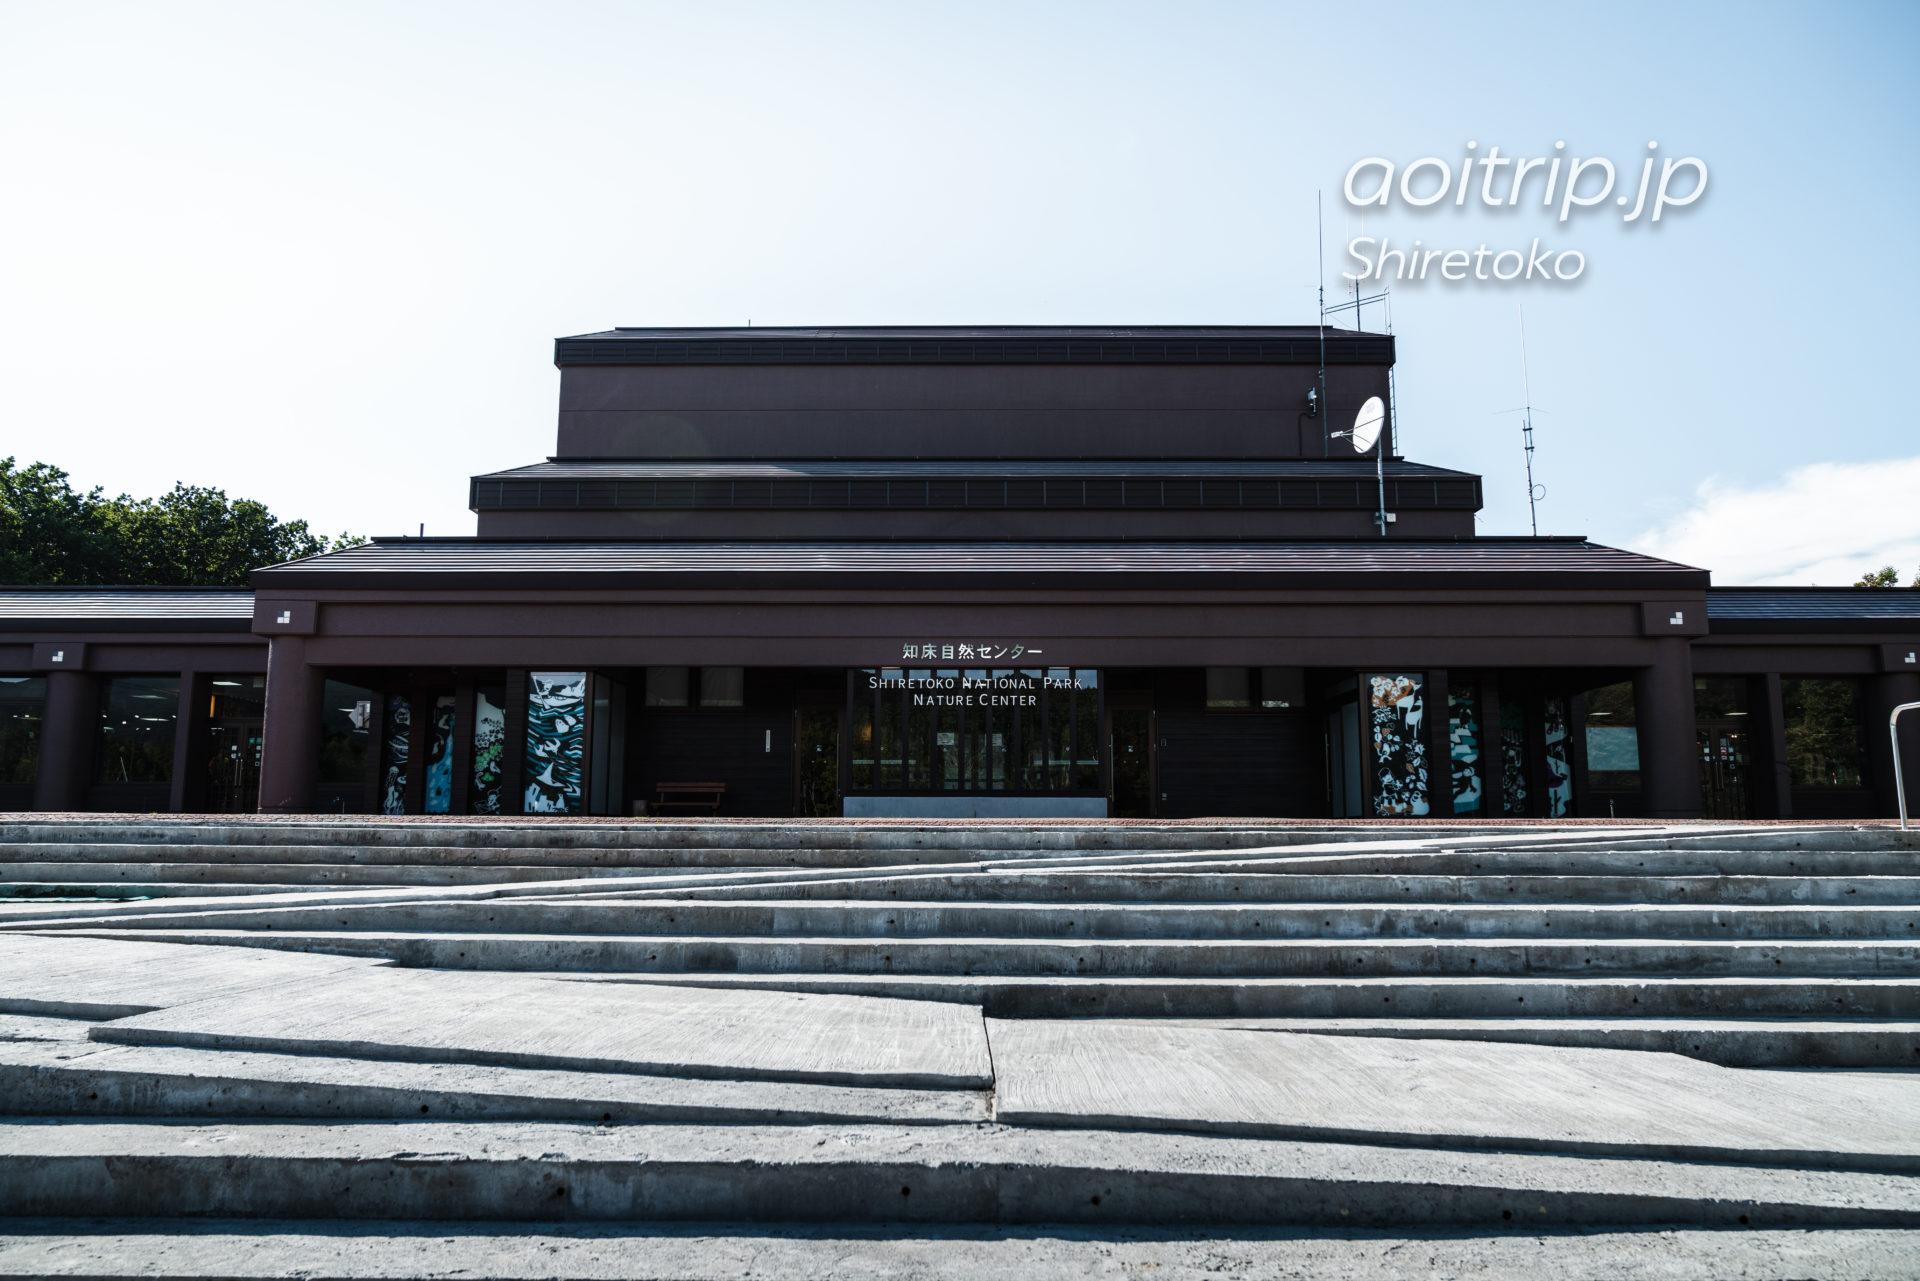 知床自然センター Shiretoko National Park Nature Center